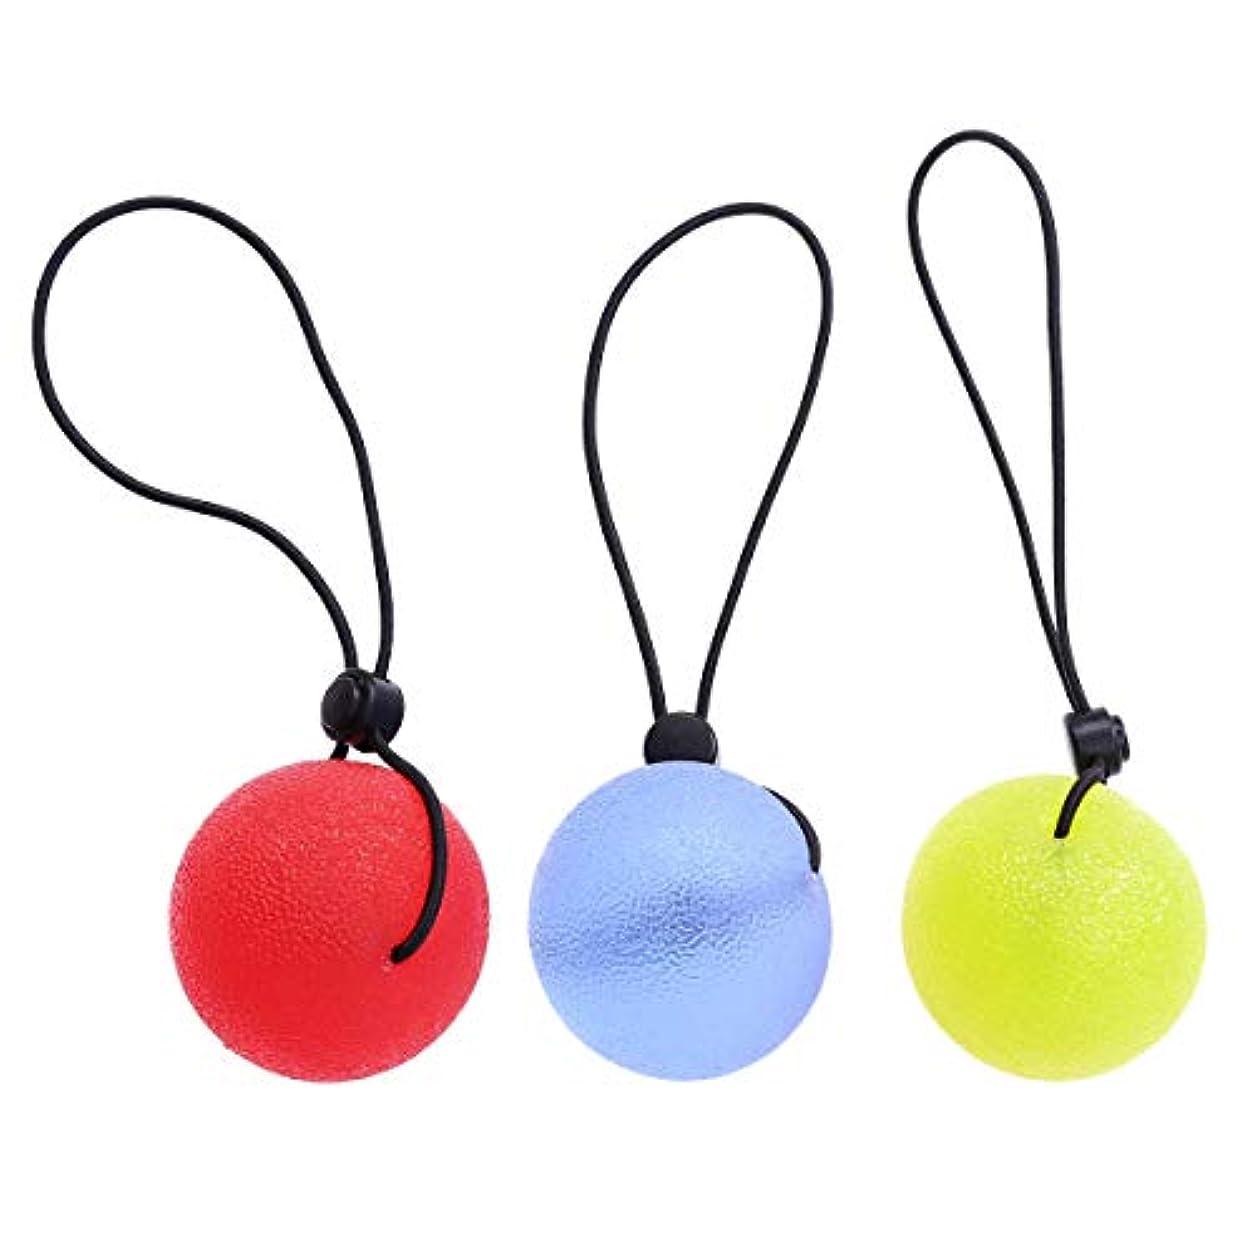 プレミア登山家怠HEALIFTY ストレスリリーフボール、3本の指グリップボールセラピーエクササイズスクイズ卵ストレスボールストリングフィットネス機器(ランダムカラー)